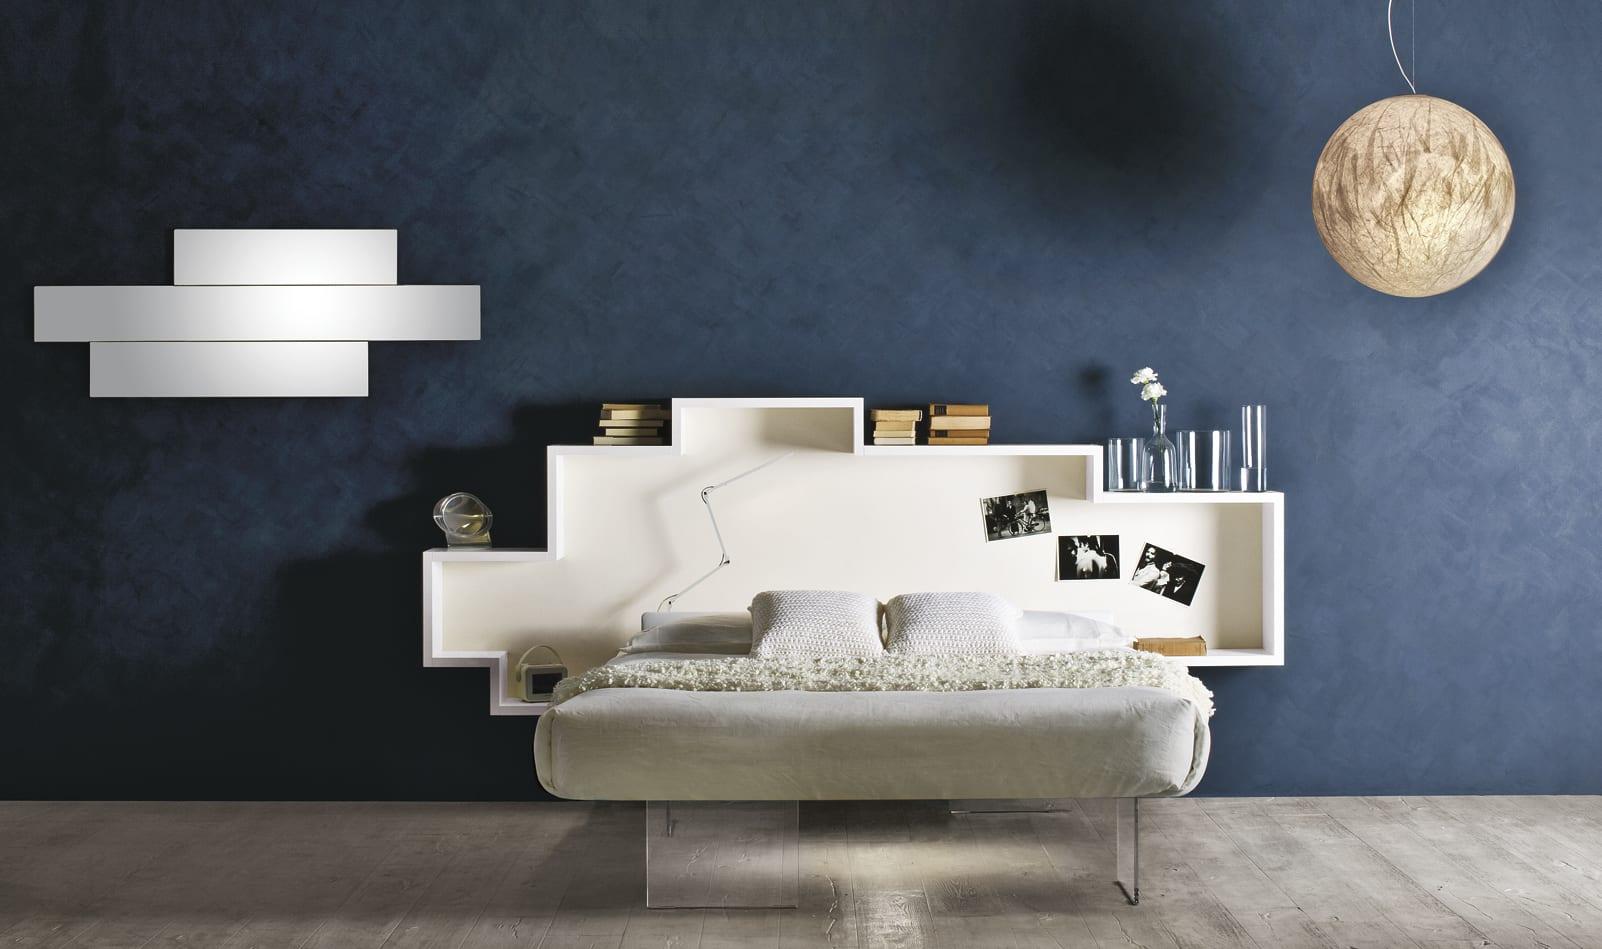 schlafzimmer gestaltung in blau und weiß mit kugel-pendellampe und weißen regalen